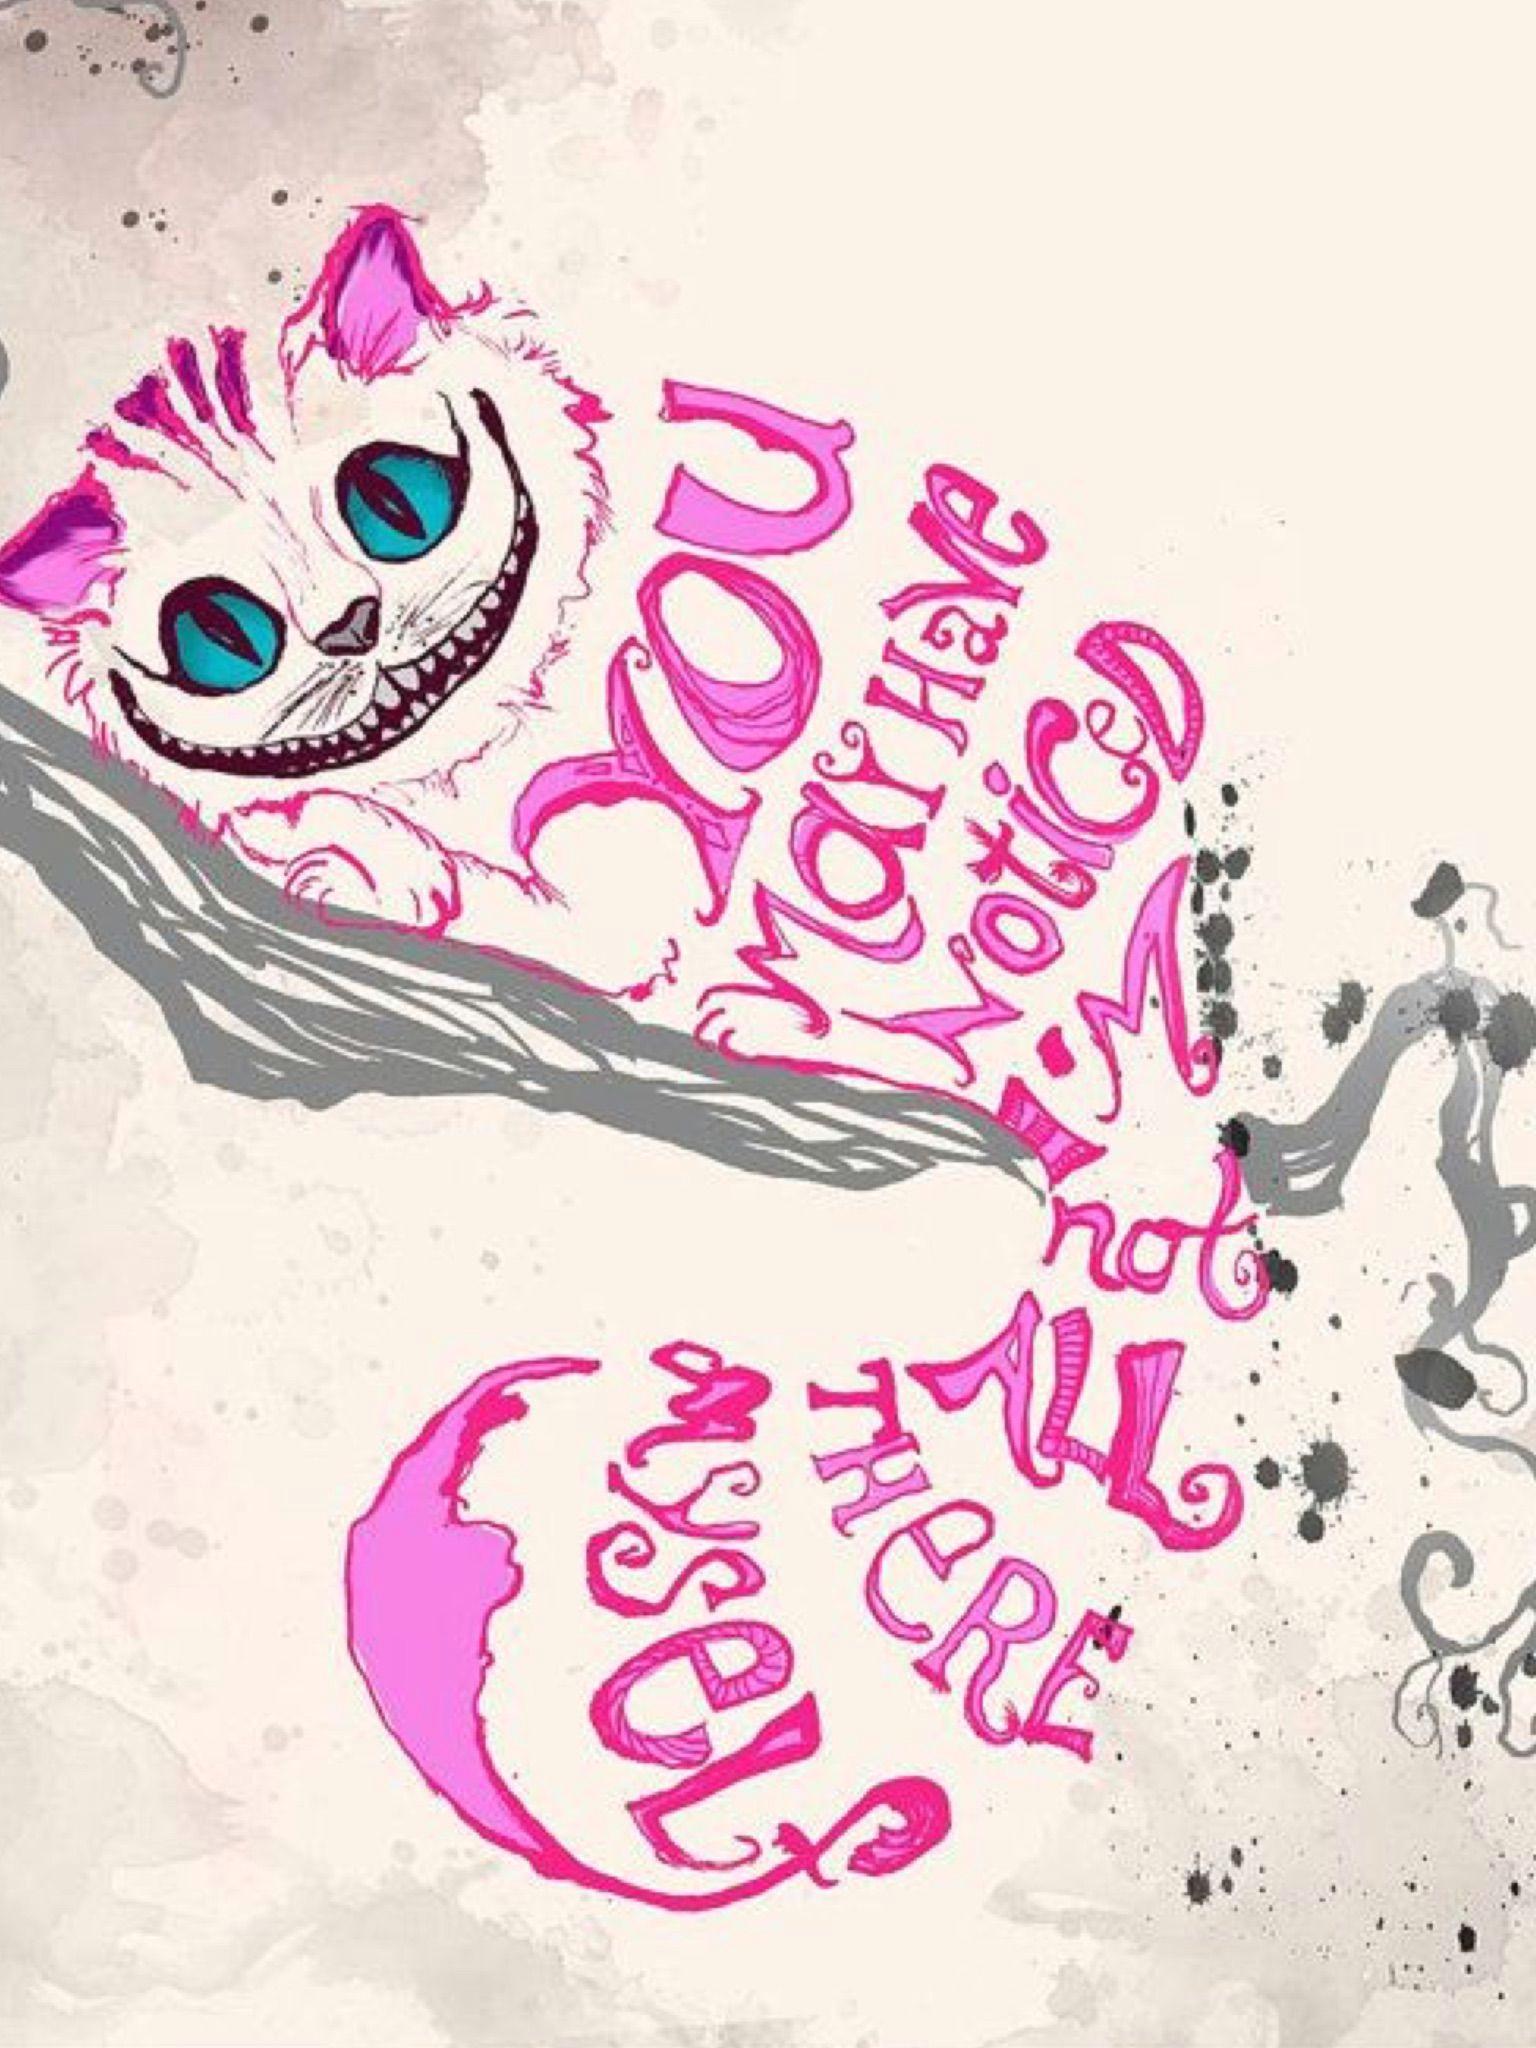 alicia wonderland alice in wonderland drawings cheshire cat alice in wonderland alice in